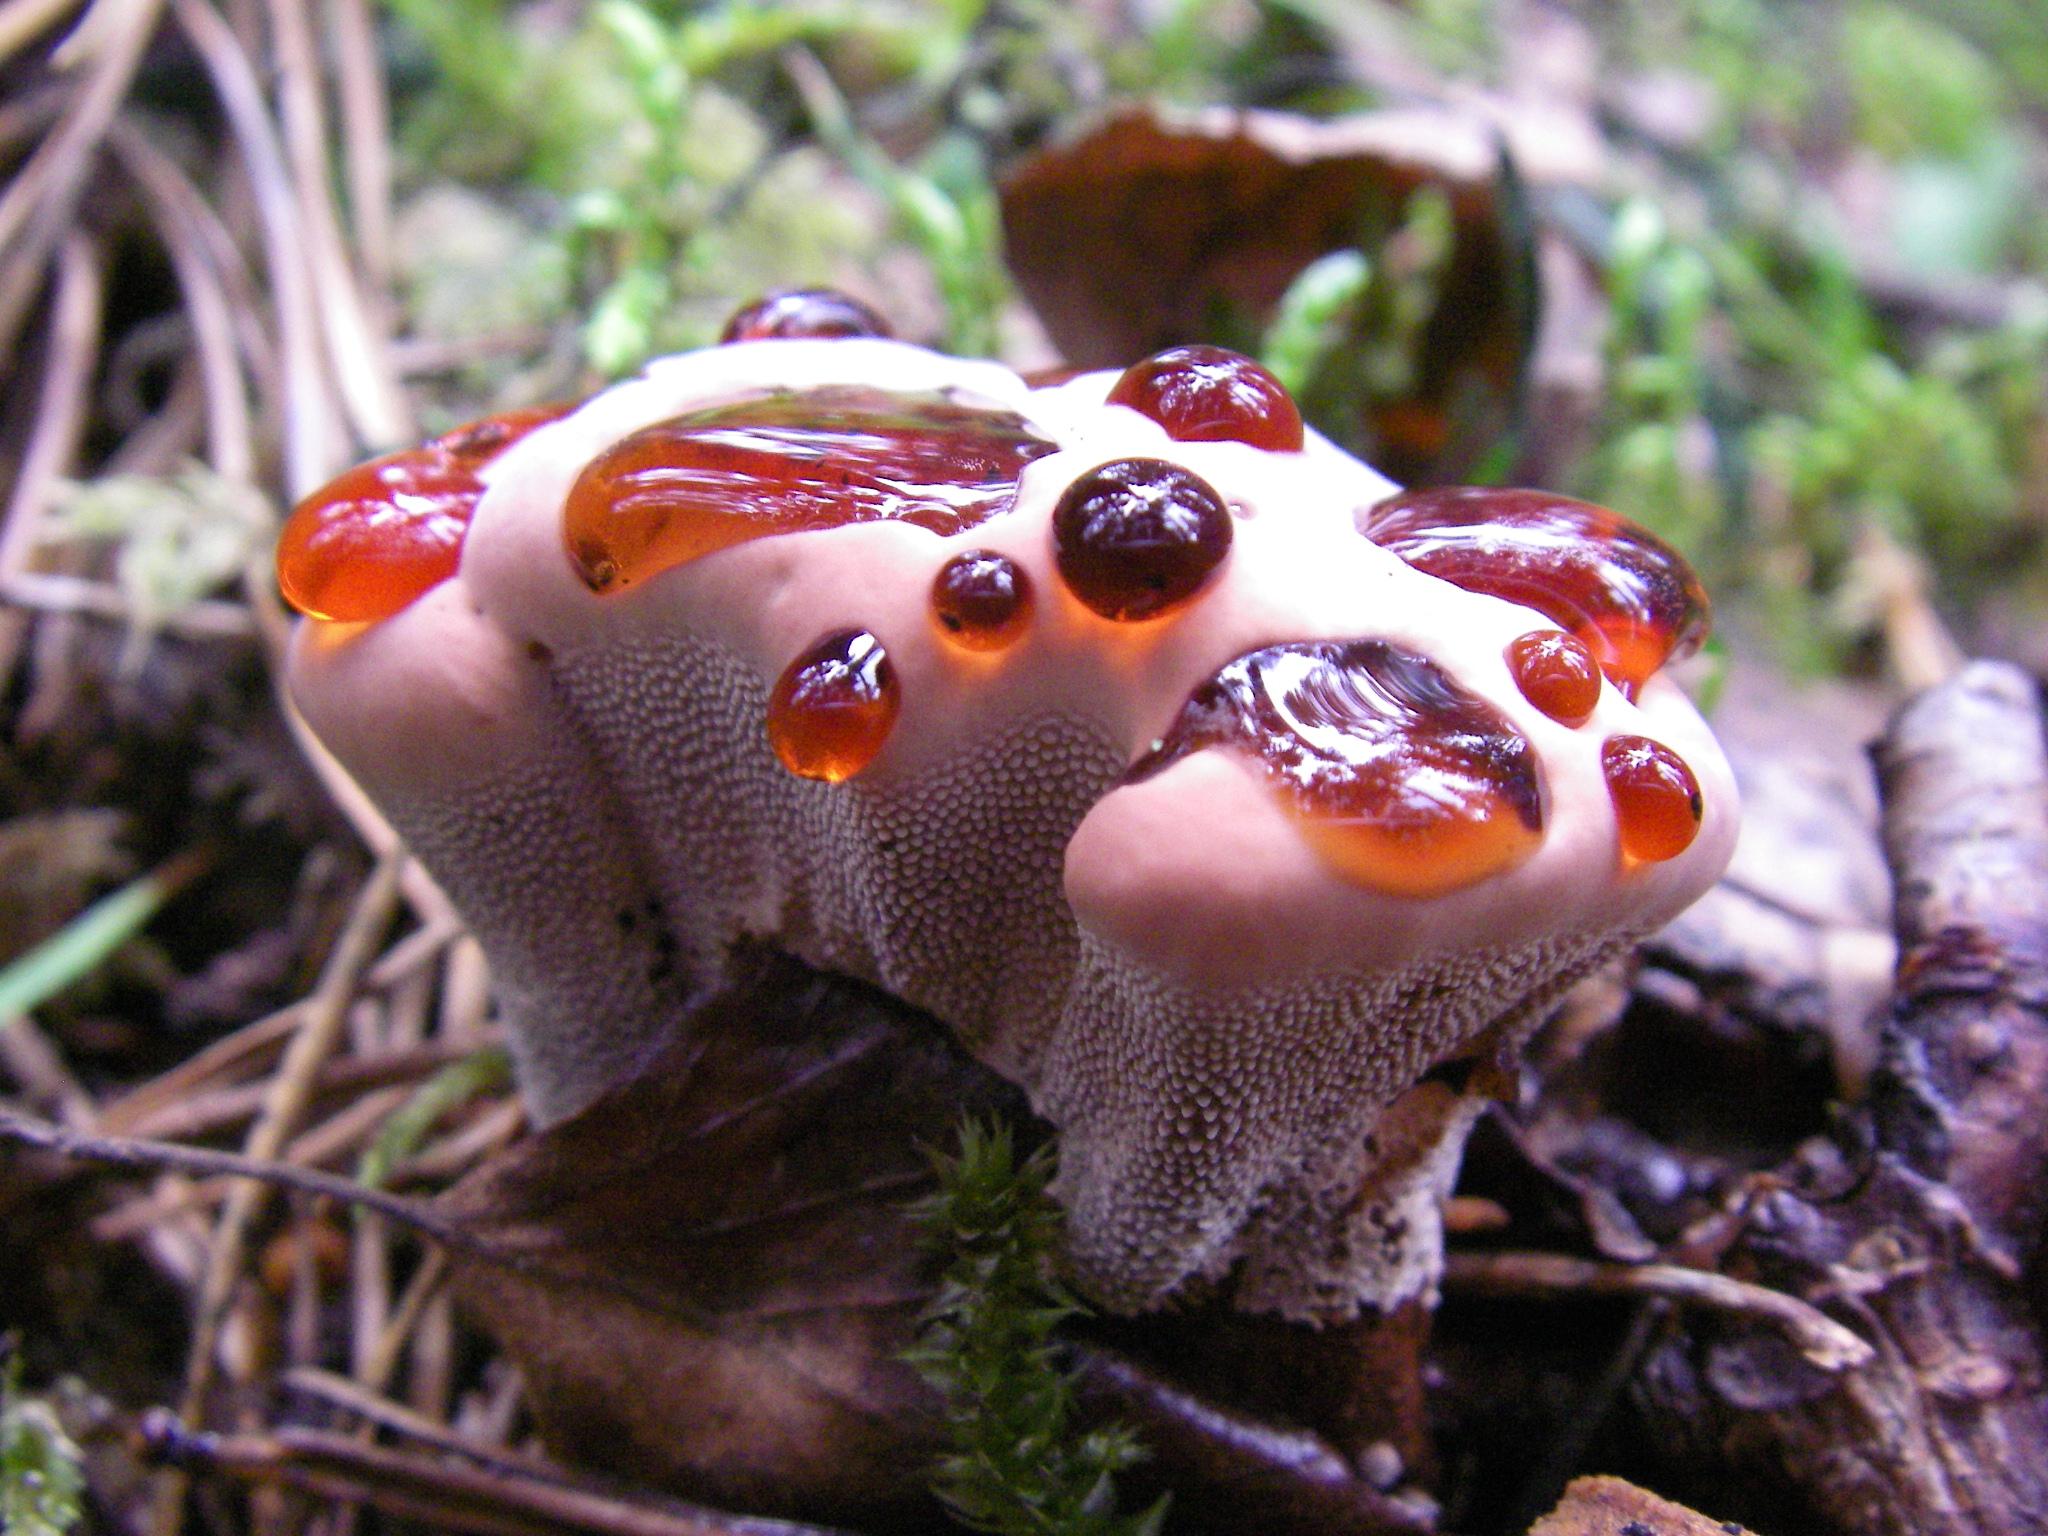 Ежовик дьявольский (Hydnellum peckii)